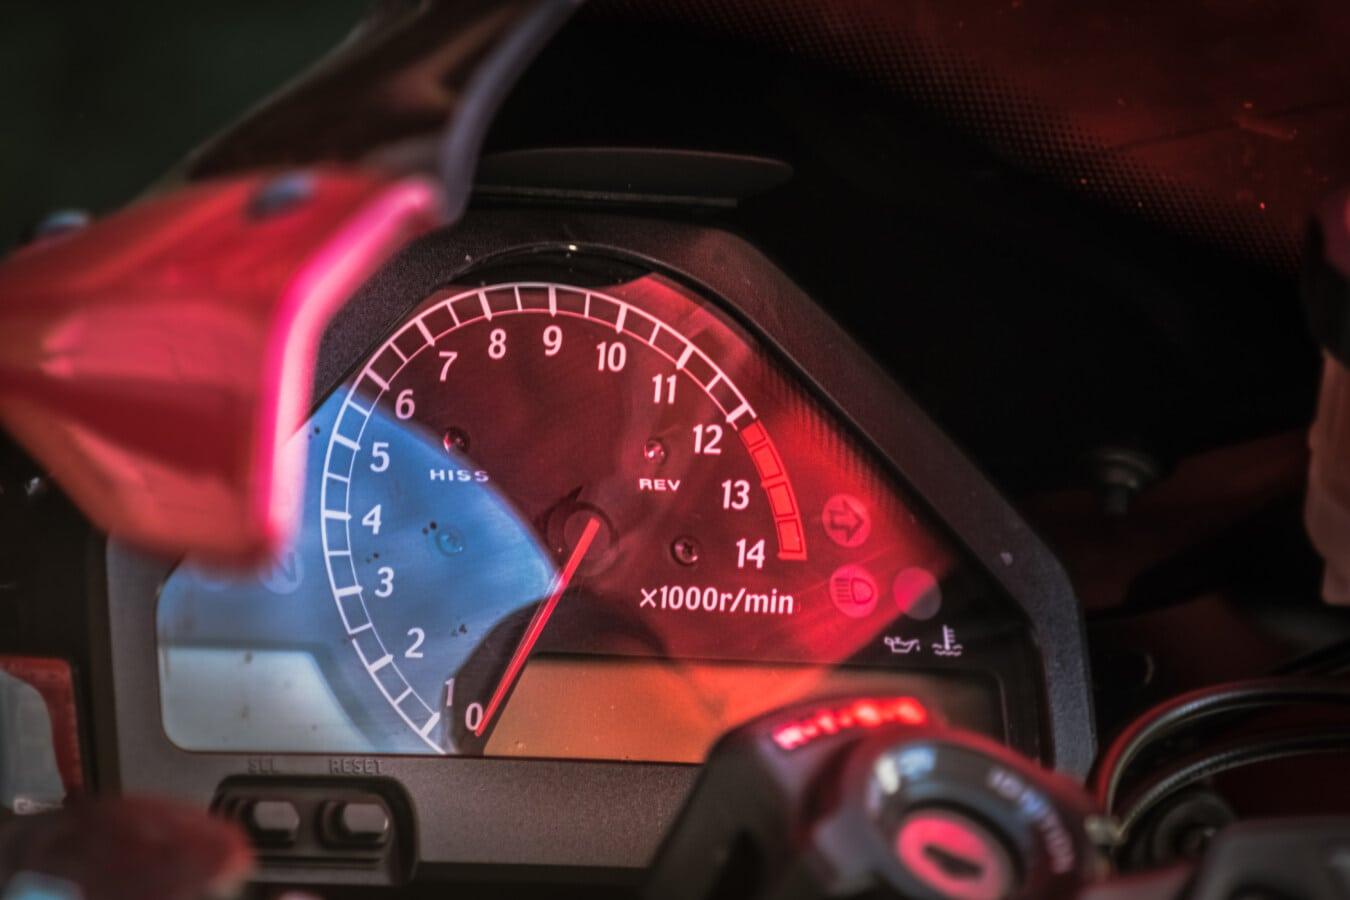 tableau de bord, Vitesse, compteur de vitesse, moto, odomètre, véhicule, instrument, compteur, en voiture, rapide